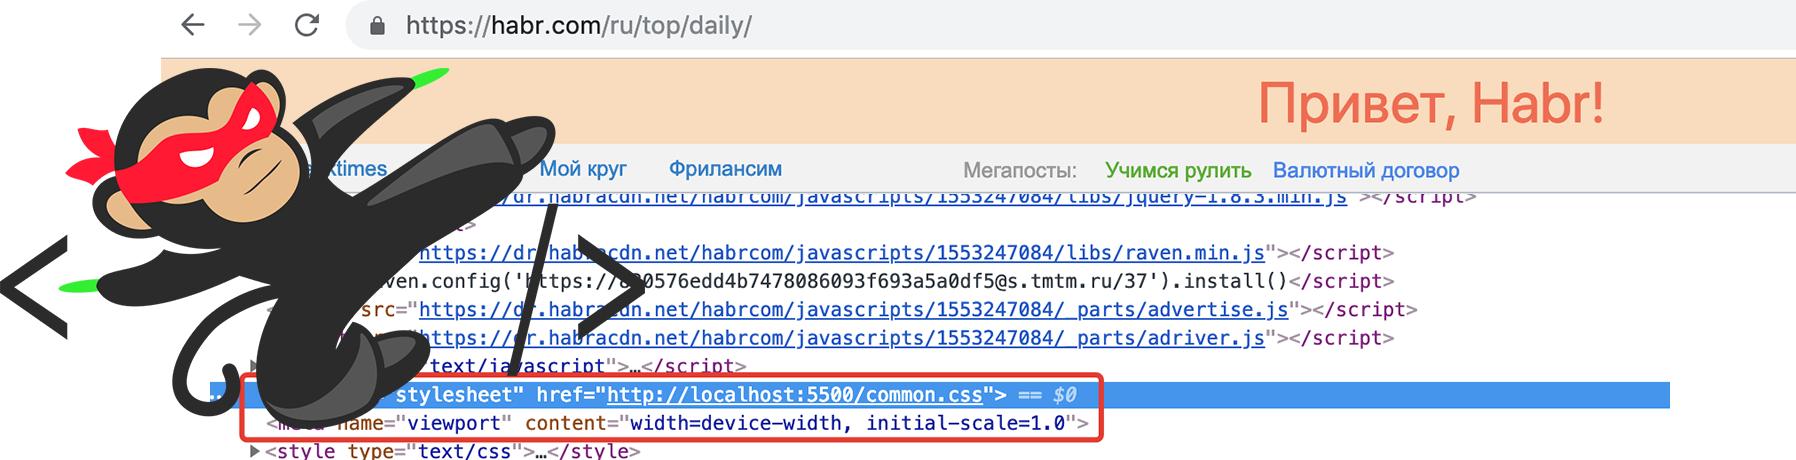 Инструменты для создания адаптивного сайта без доступа к сайту - 1